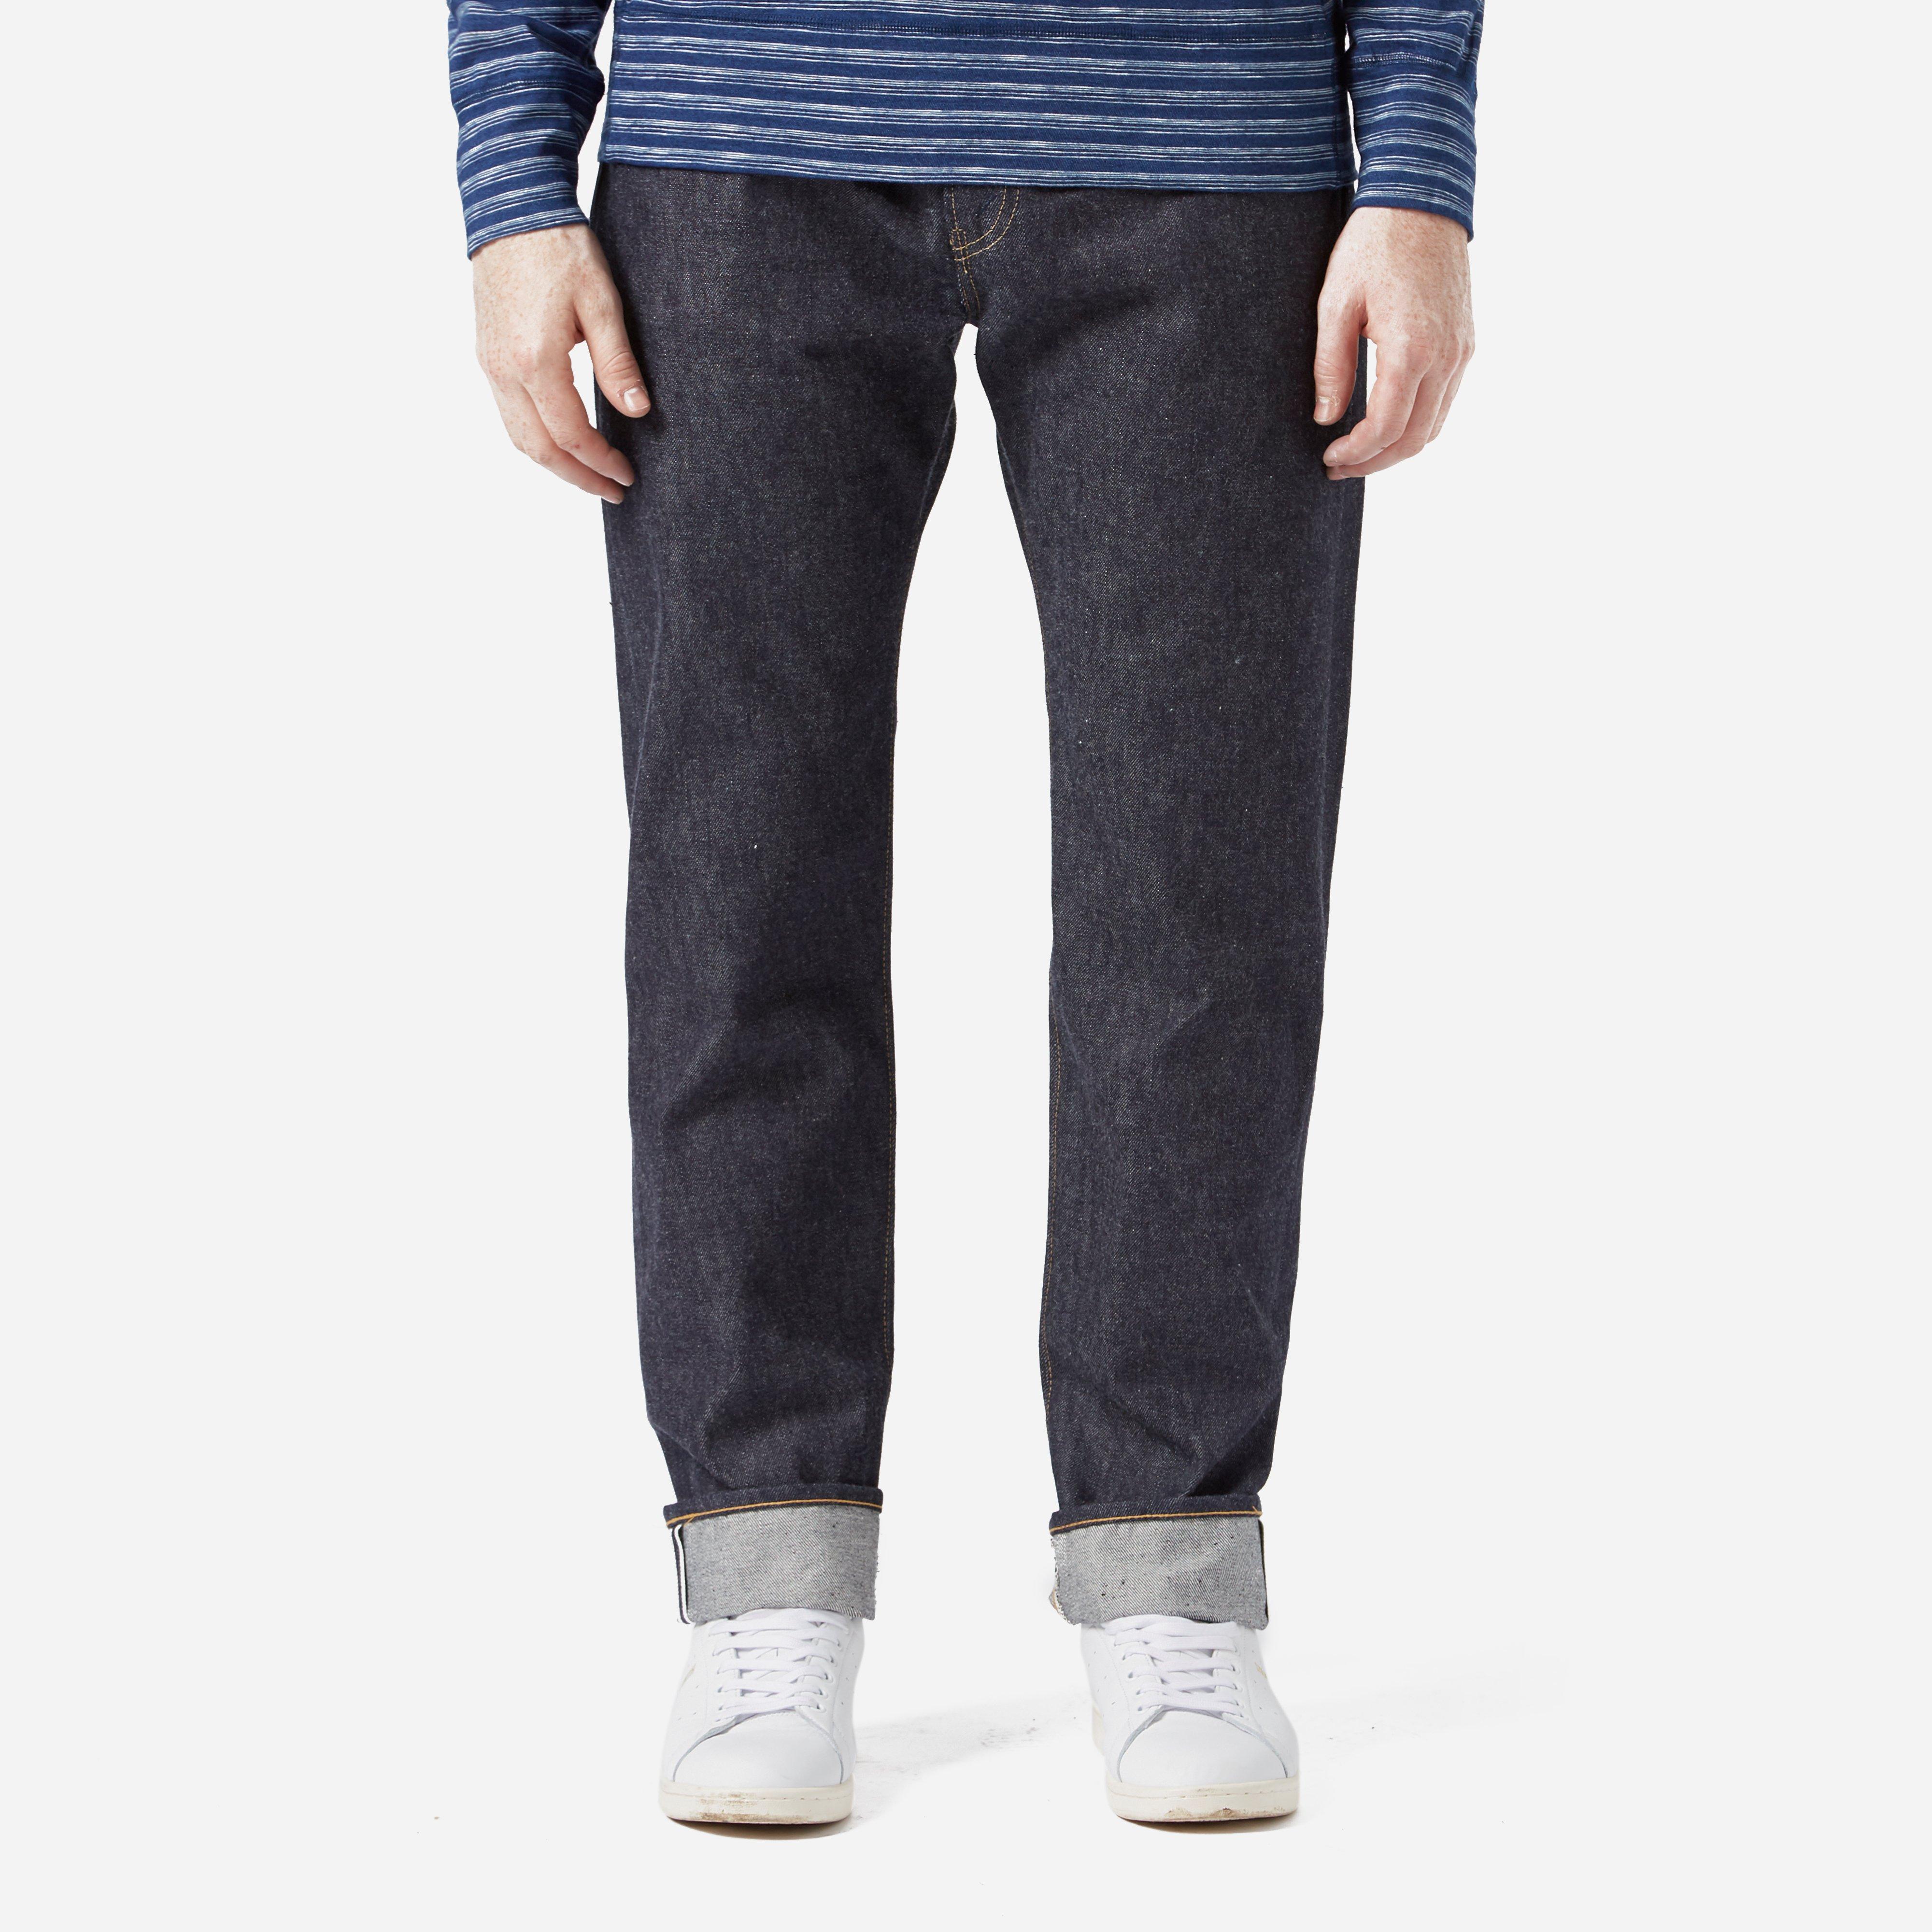 Levis Vintage 1954 501 Rigid Jeans